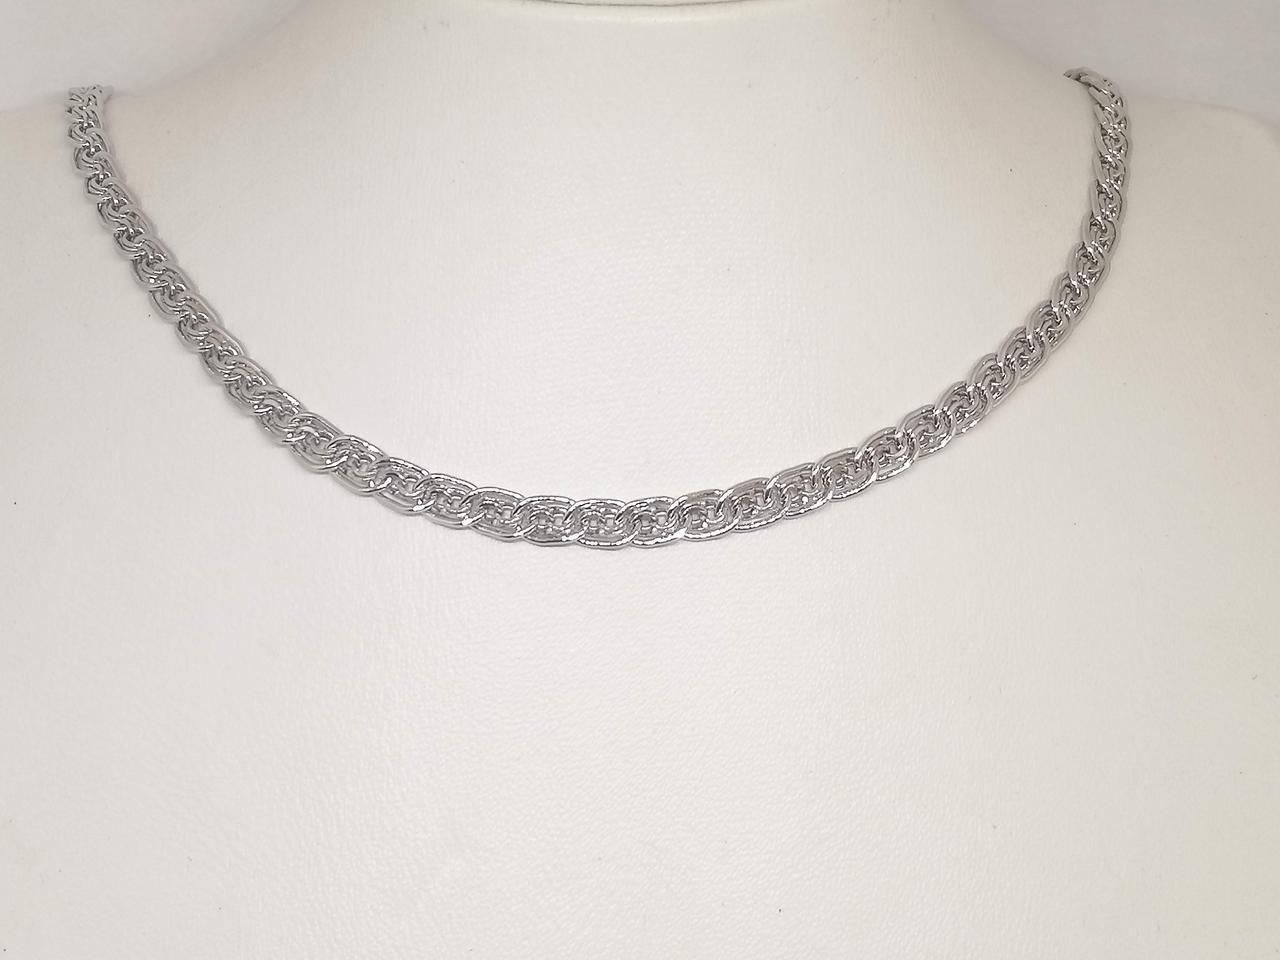 Срібний ланцюжок (Бісмарк). Артикул 880026С 65